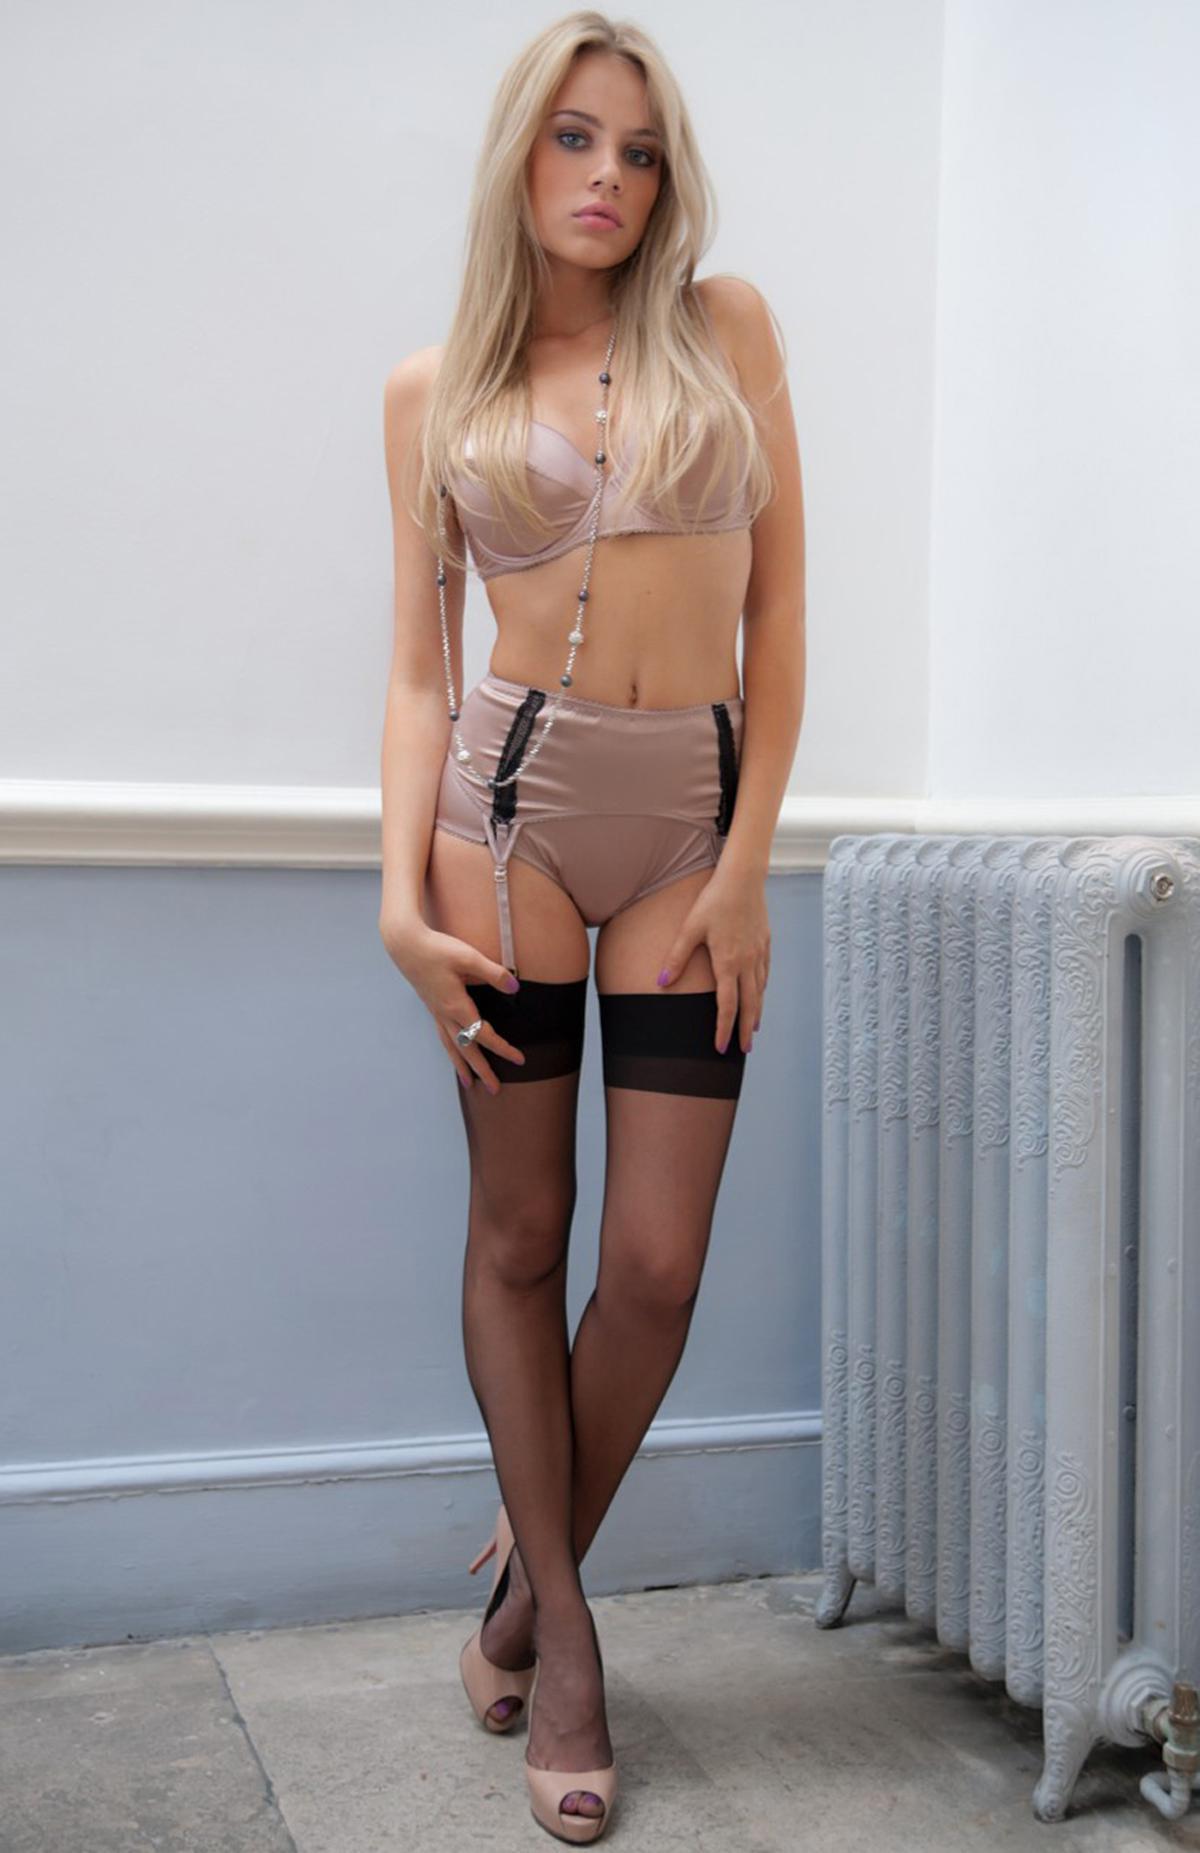 Xenia Tchoumitcheva Nude Photos and Videos nudes (55 photo), Hot Celebrites foto